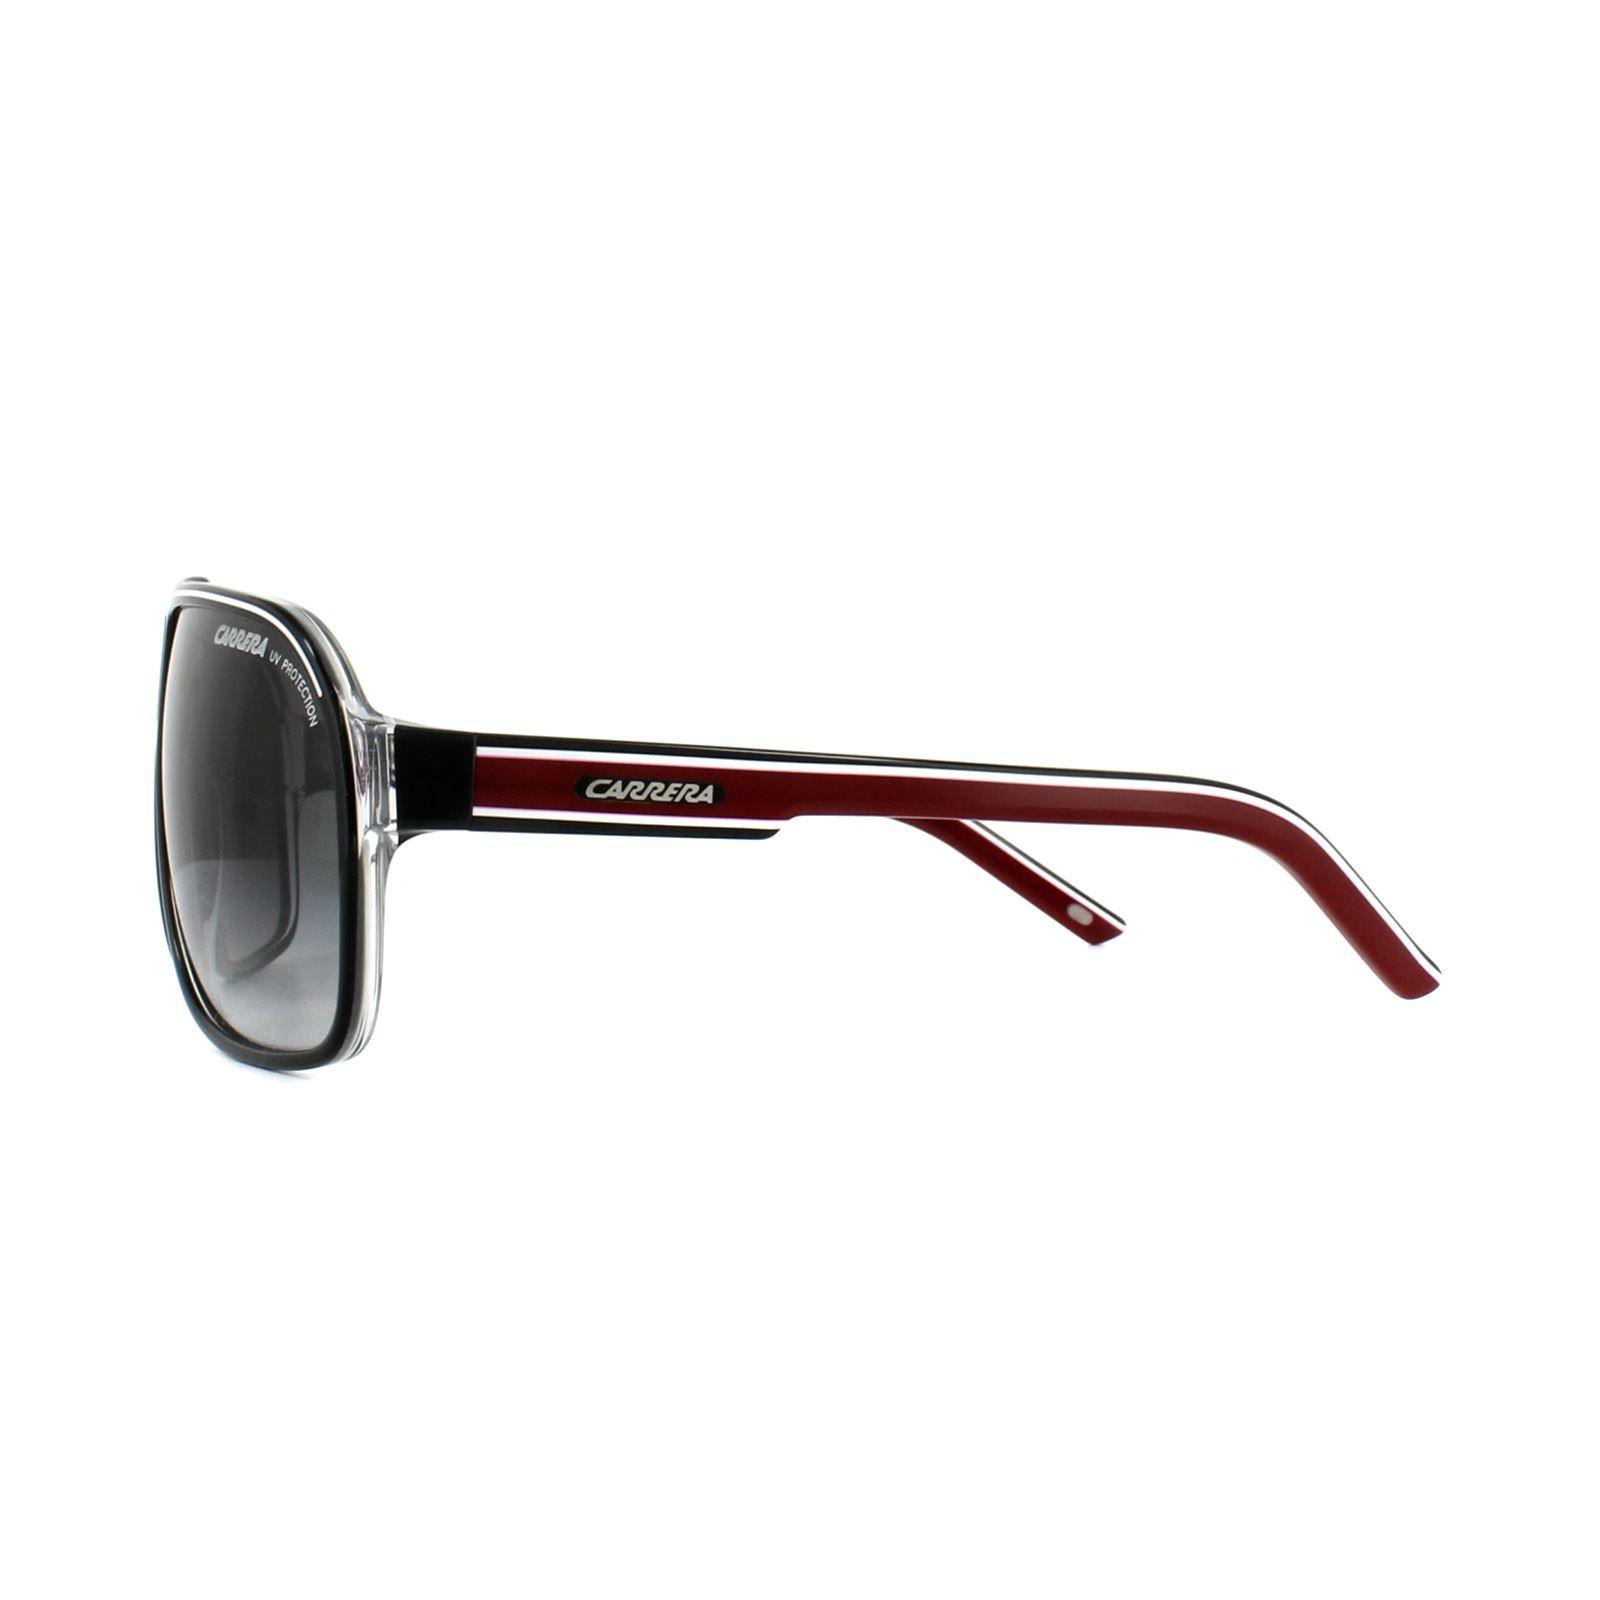 Carrera Sunglasses Grand Prix 2 T4O 9O Black Dark Grey Gradient